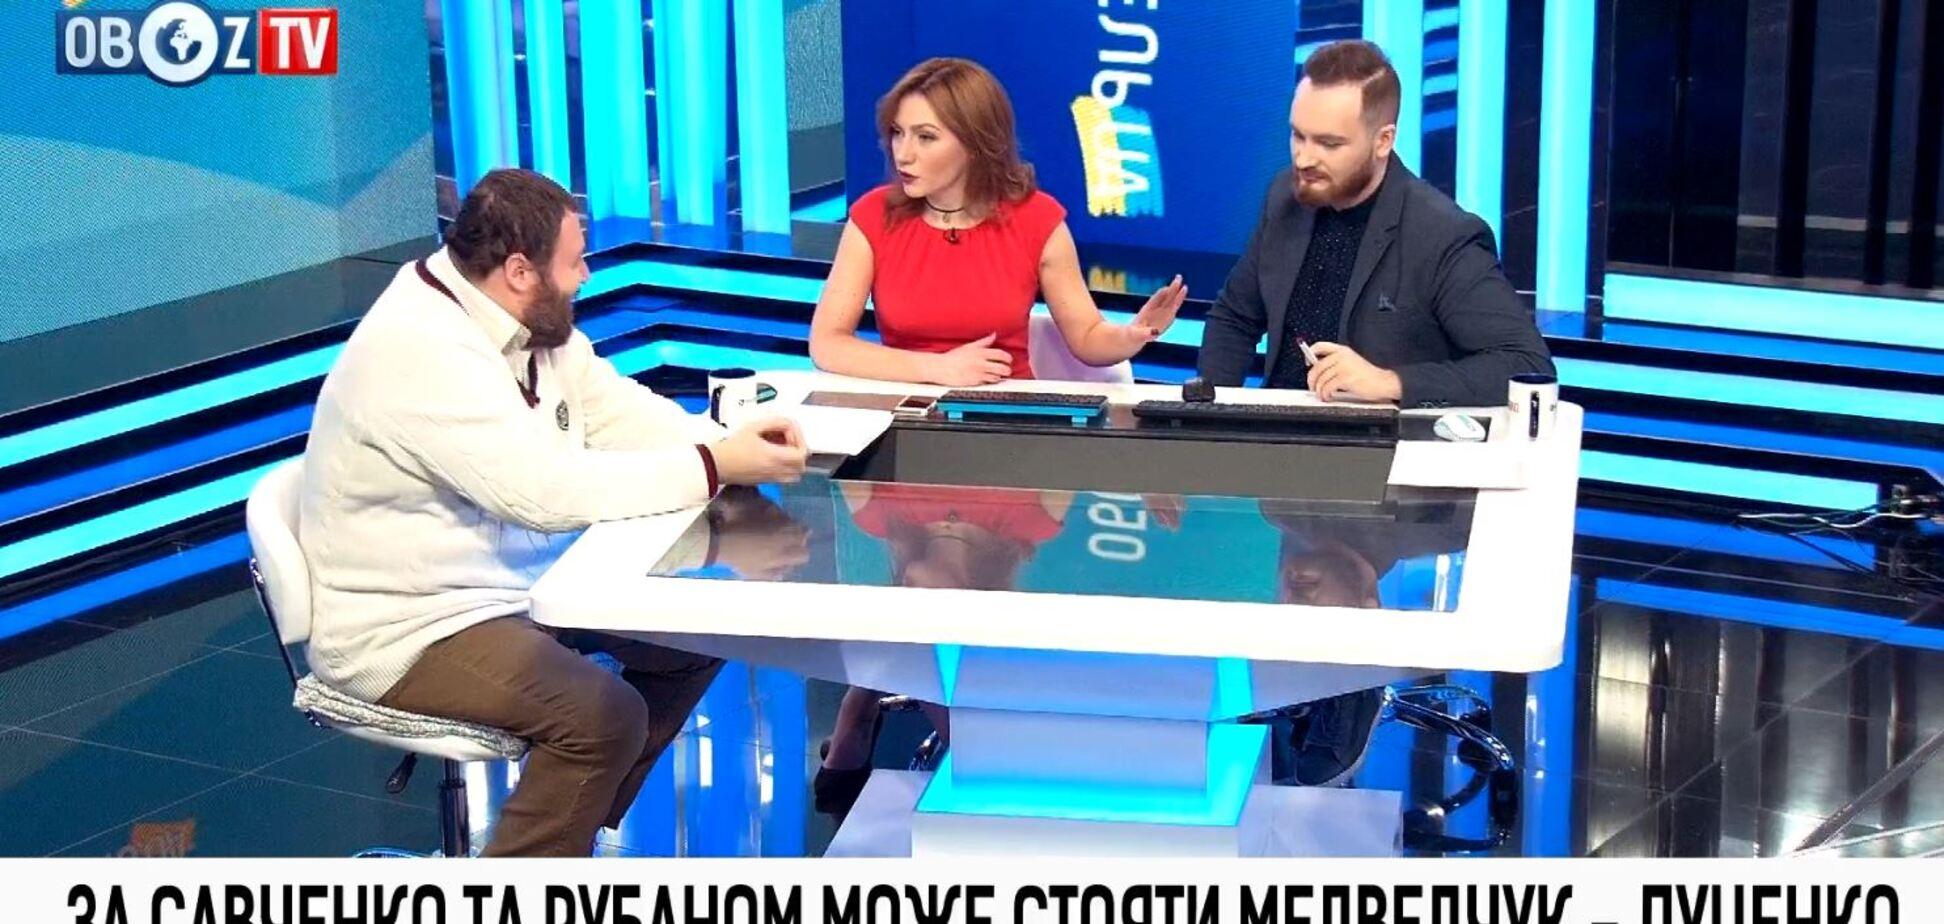 'На всю голову': екс-боєць 'Айдару' розповів про зв'язок Савченко з Медведчуком